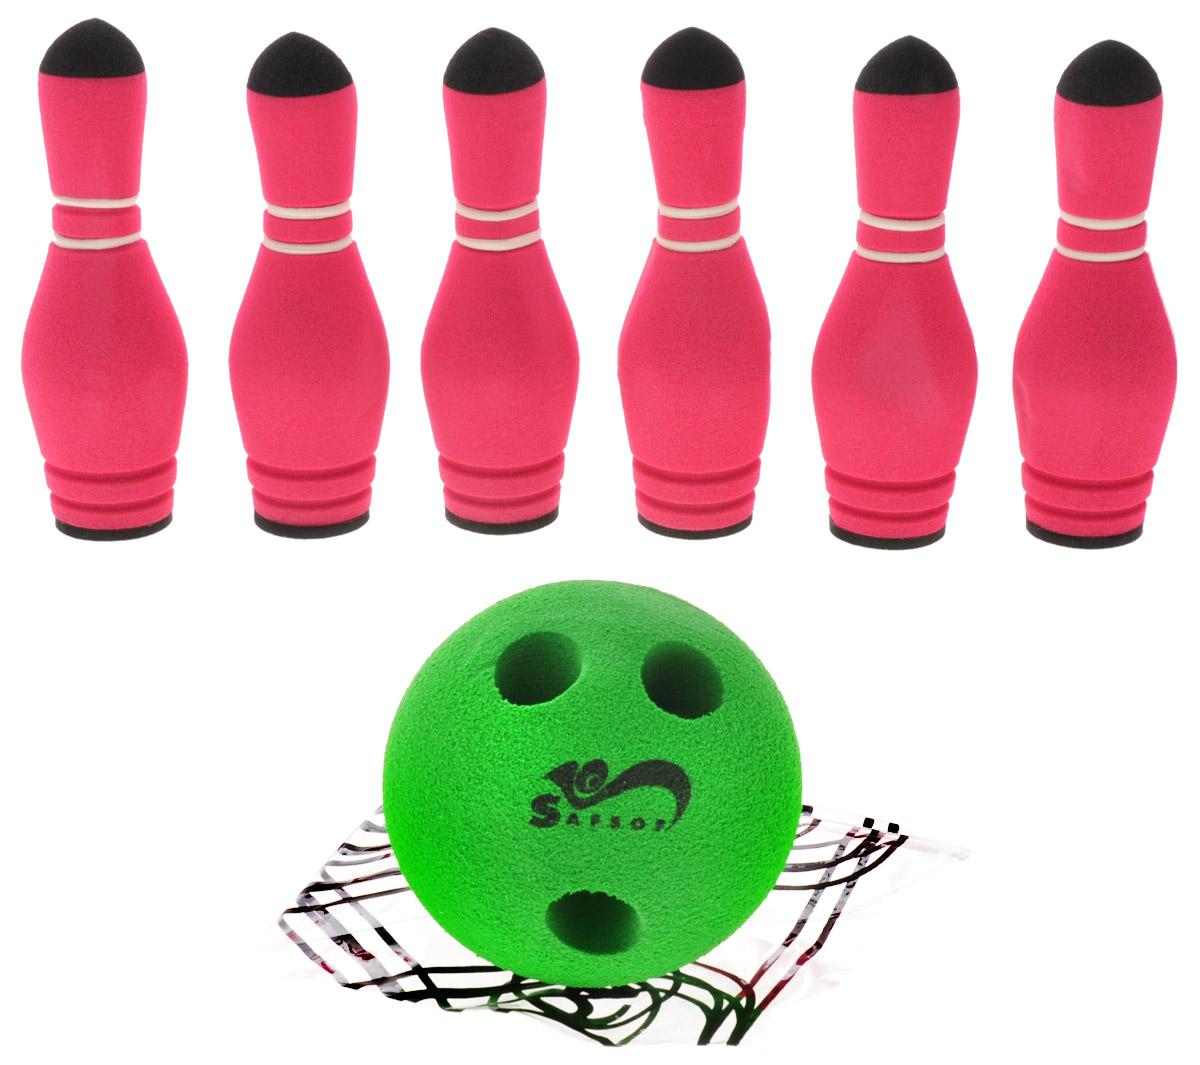 Safsof Игровой набор Мини-боулинг цвет красный зеленый